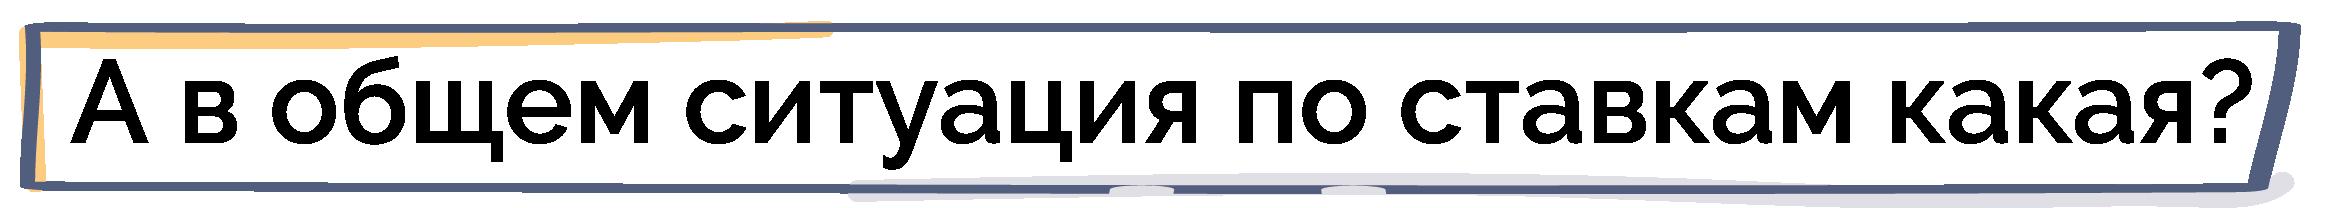 ВКС_Что случилось-06.png